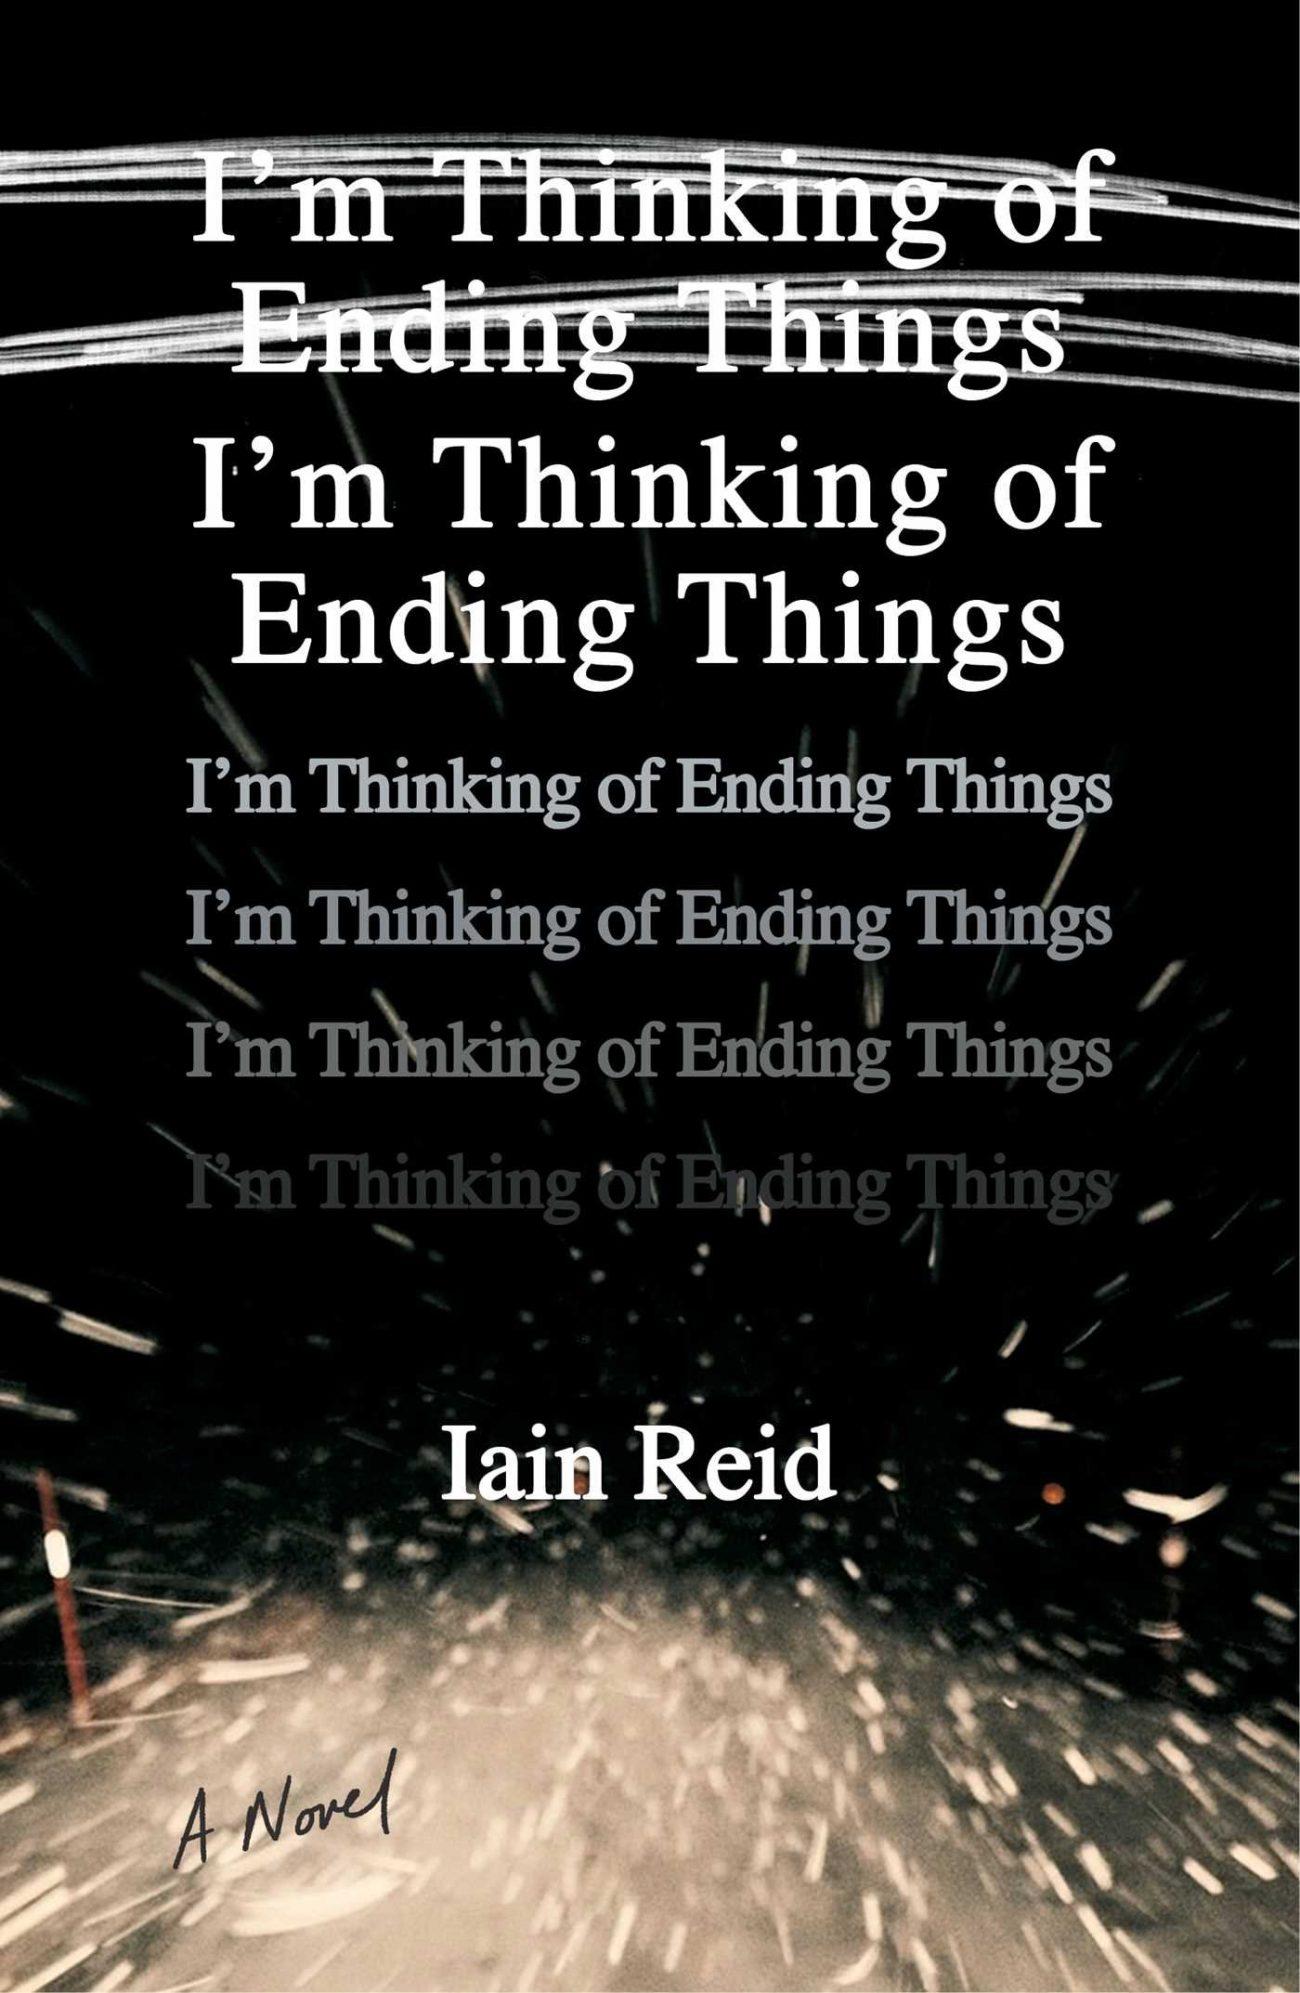 Im thinking of ending things 1300x1993 - I'm Thinking of Ending Things - Iain Reid (2016)